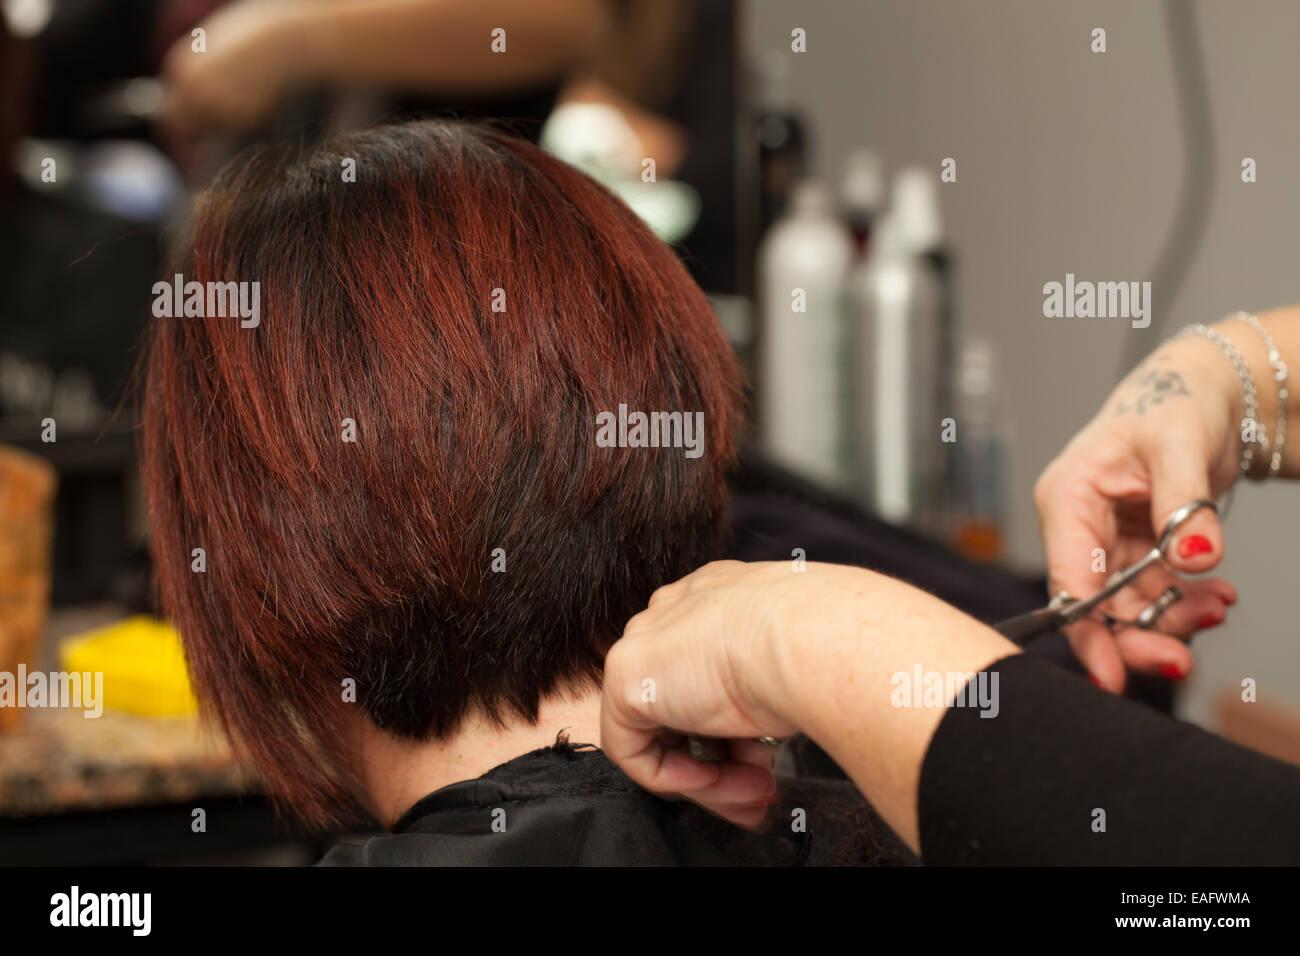 Hair Cut - Stock Image